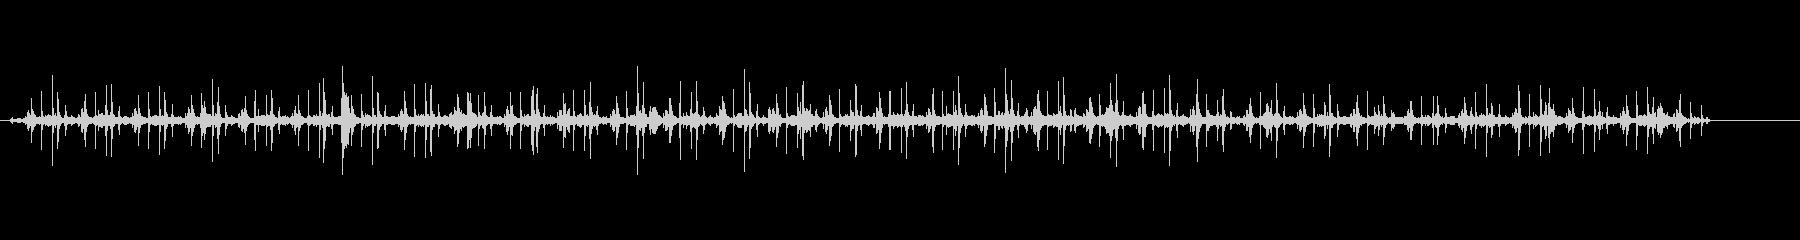 機械蓄音機プレス工場-自動レコード...の未再生の波形